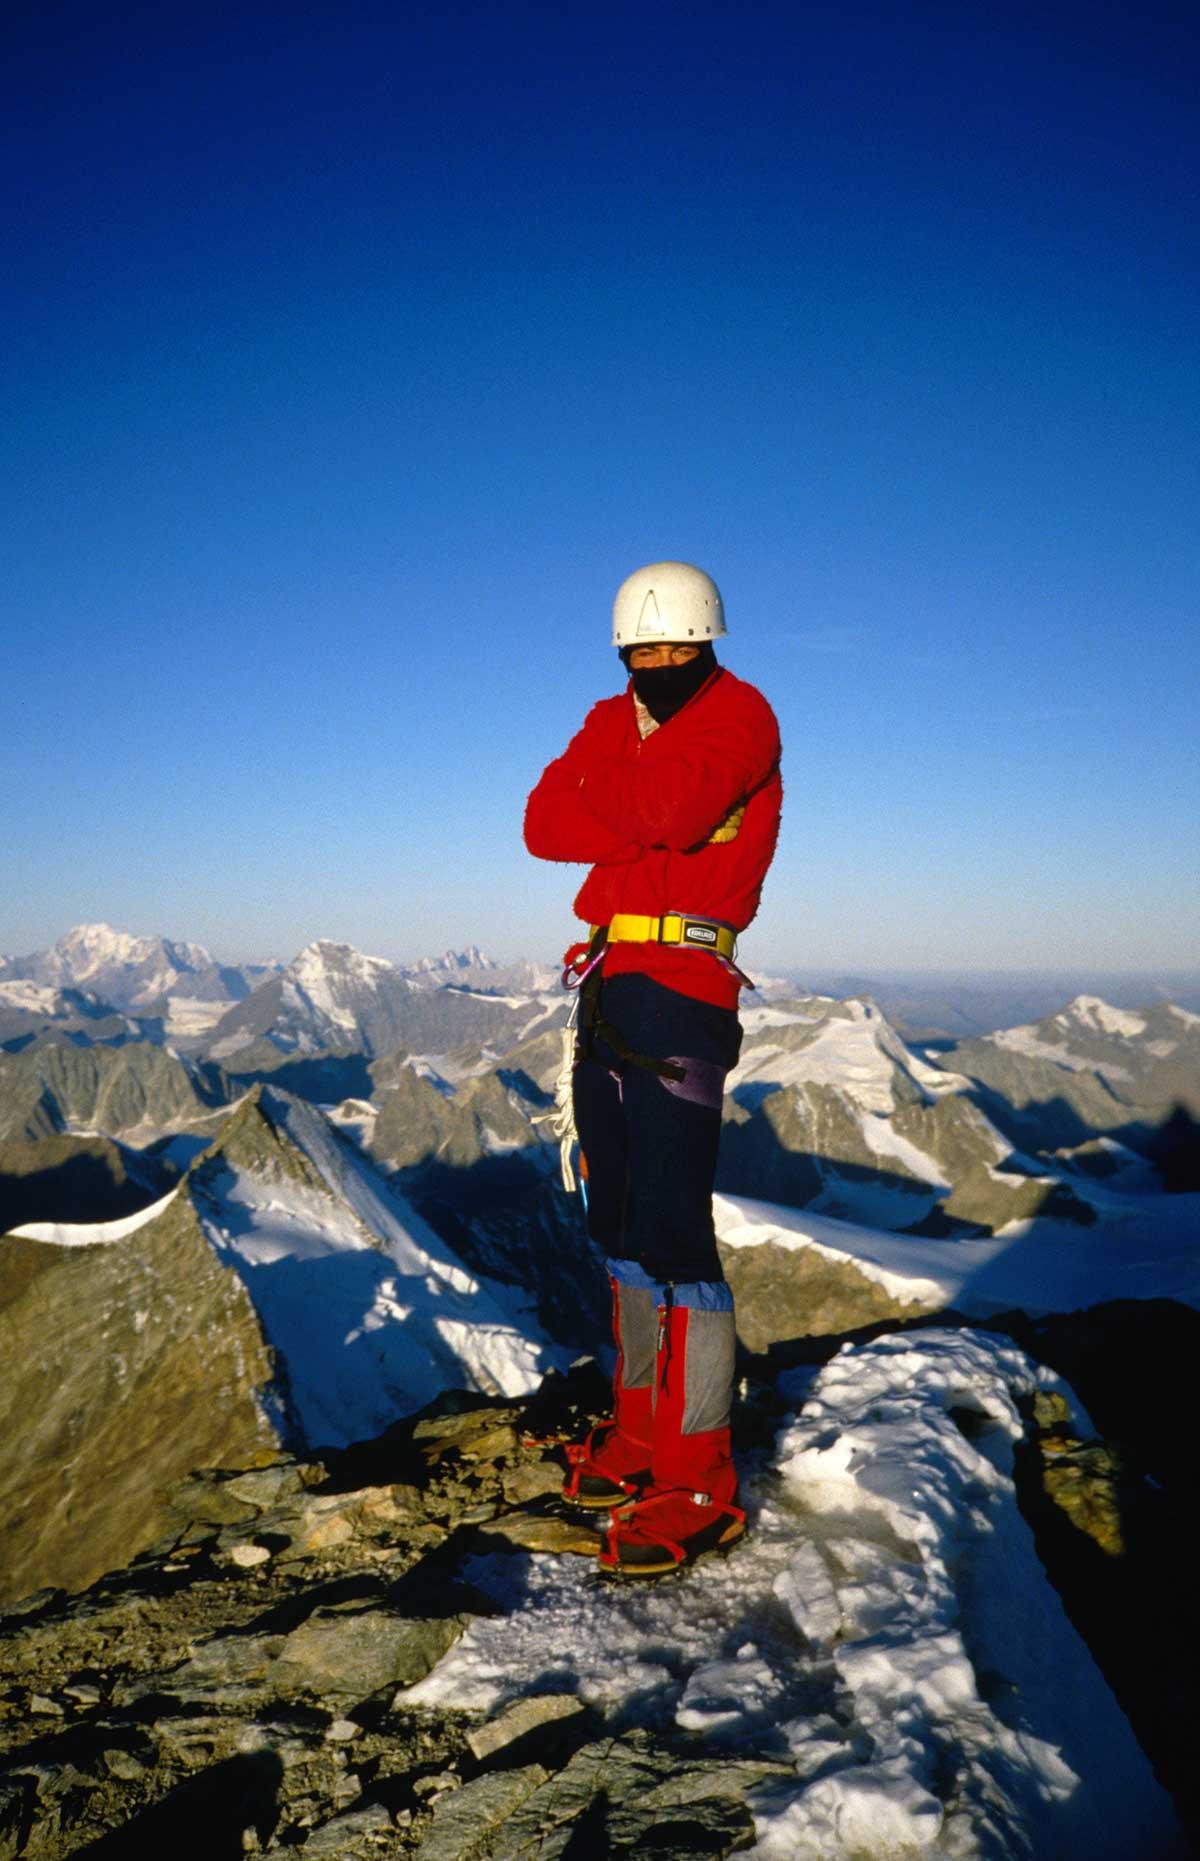 Rollo Steffens am Gipfel des Matterhorns